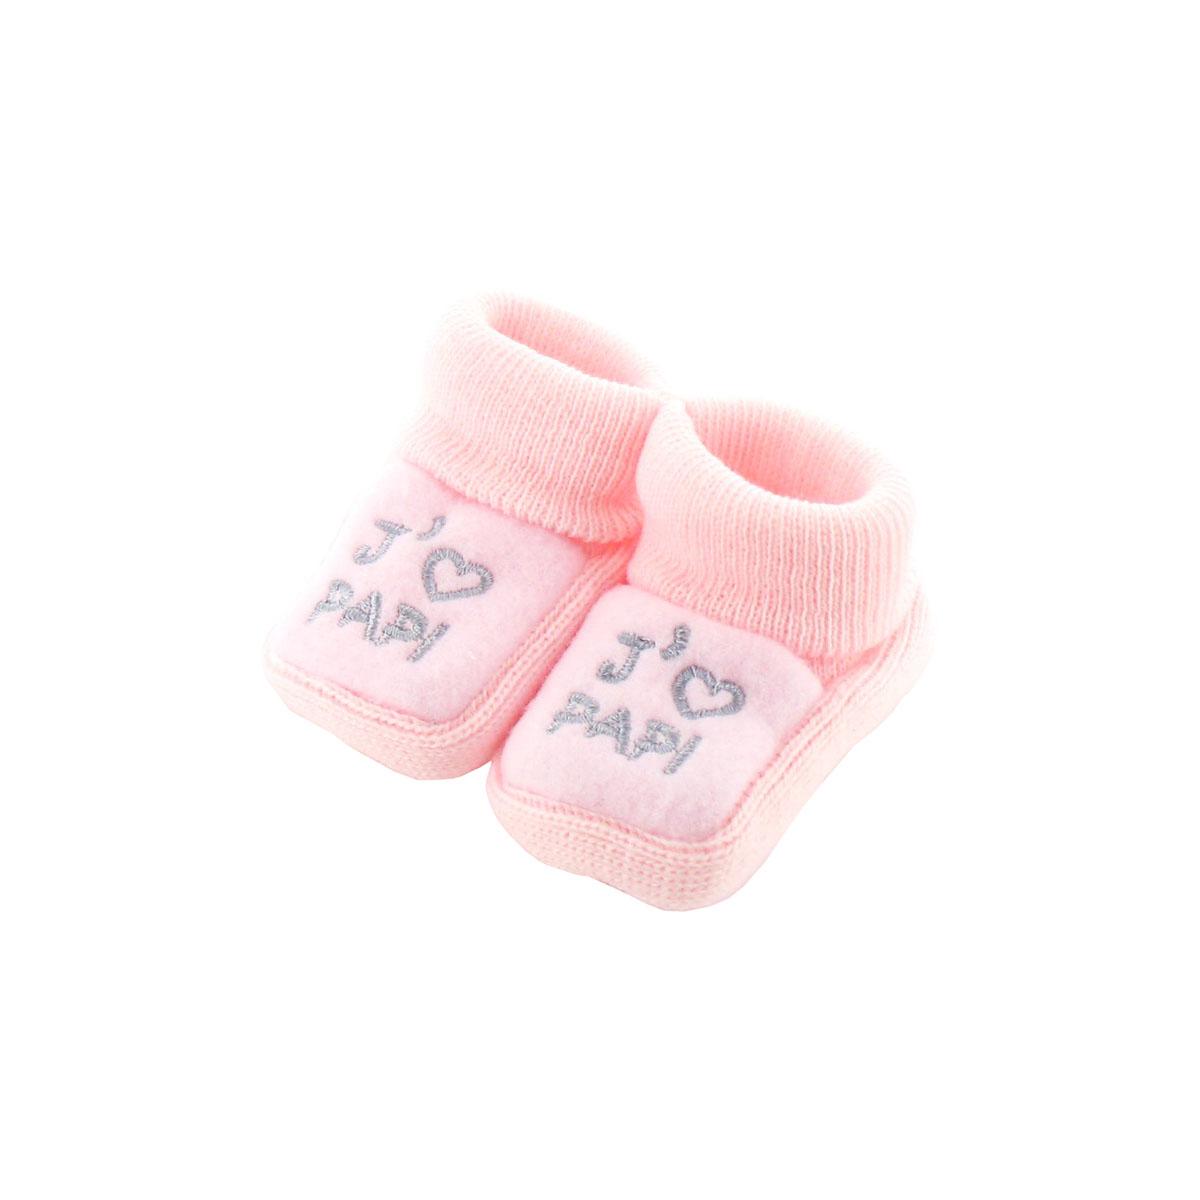 Chaussons pour bébé 0 à 3 Mois rose - J\'aime papi